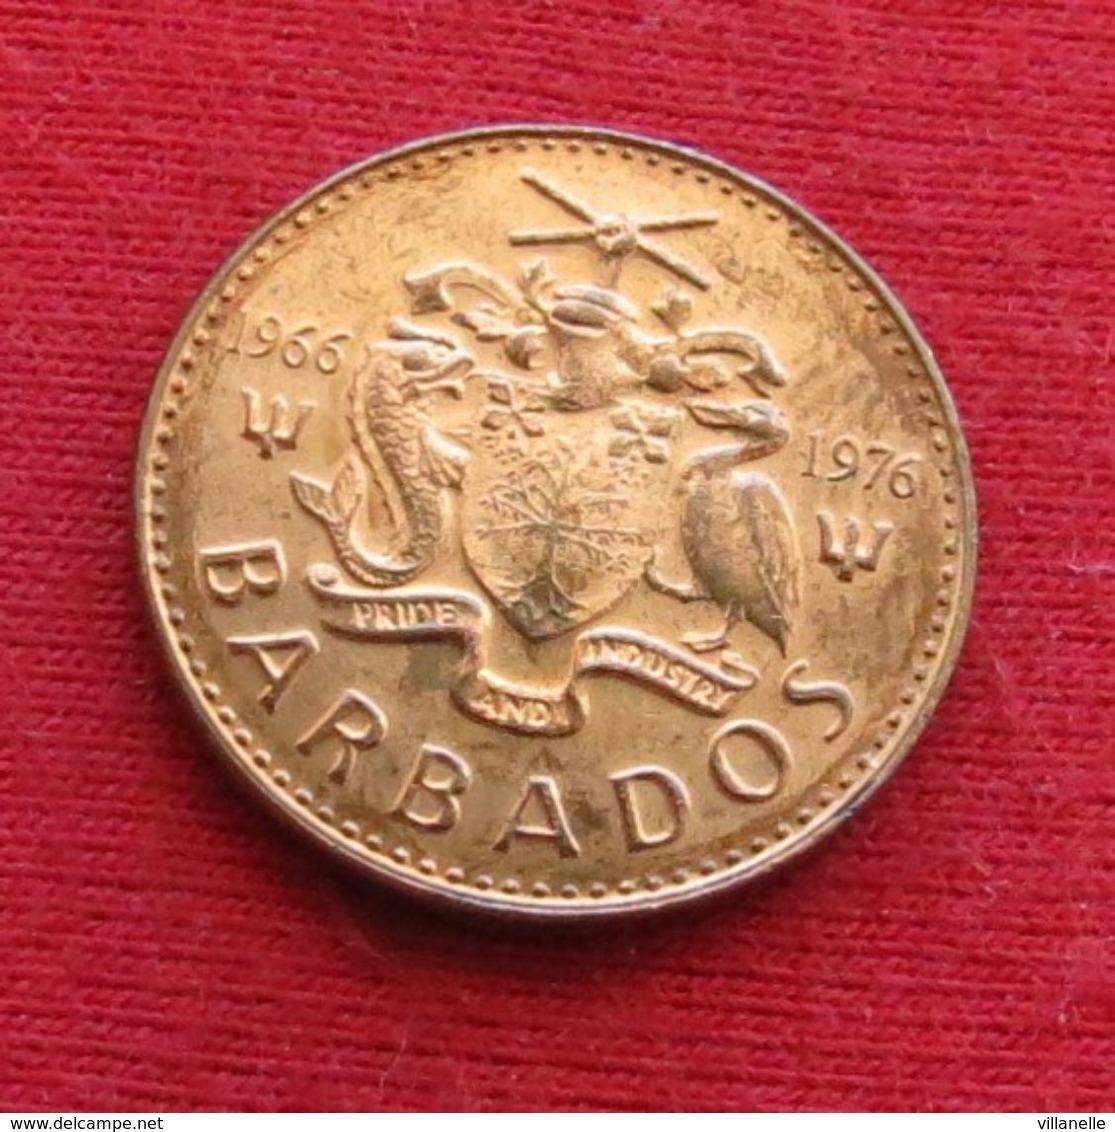 Barbados 1 Cent 1976 KM# 19 1966 - 1976 Barbades Barbade - Barbades